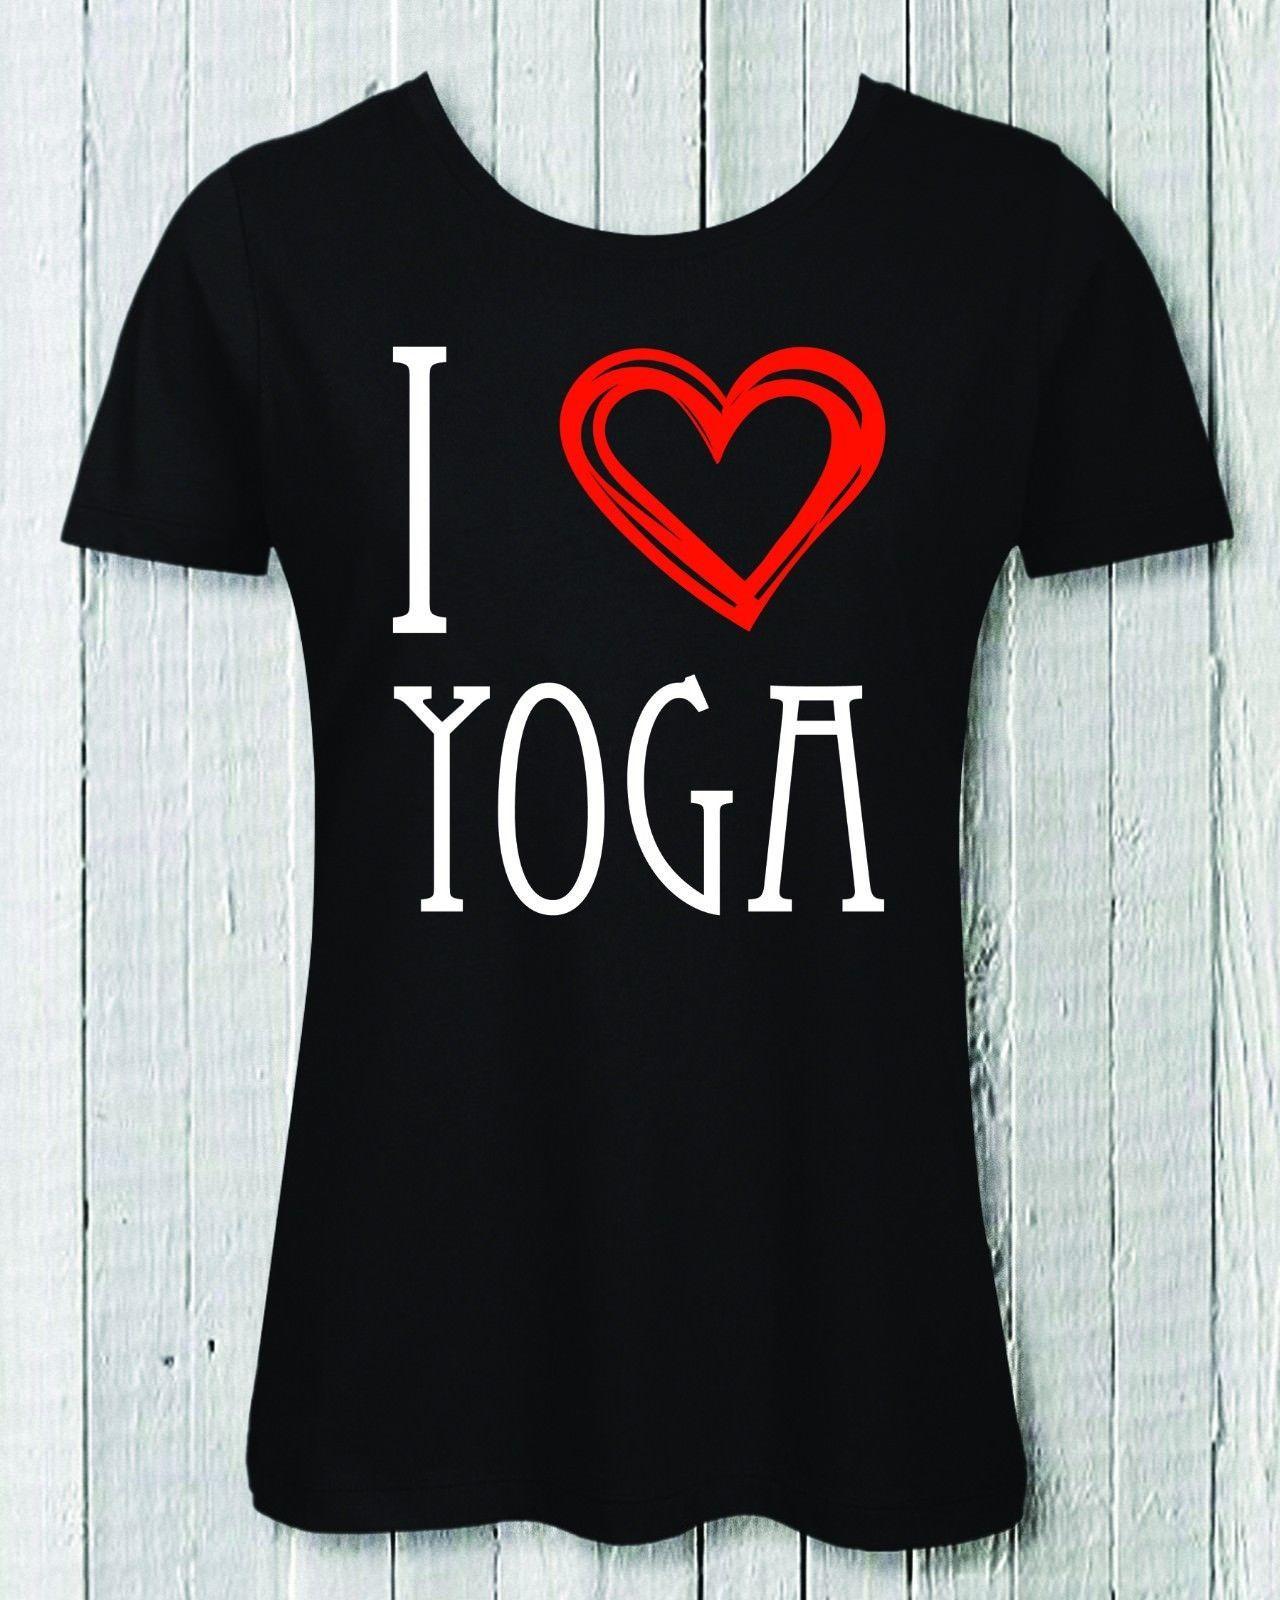 063841b10 Compre Me Encanta La Camiseta De Yoga Para Damas 100% Algodón Orgánico  Fitness Gym Clase De Yoga Hombres Mujeres Mujeres Unisex Camiseta De Moda  Envío ...